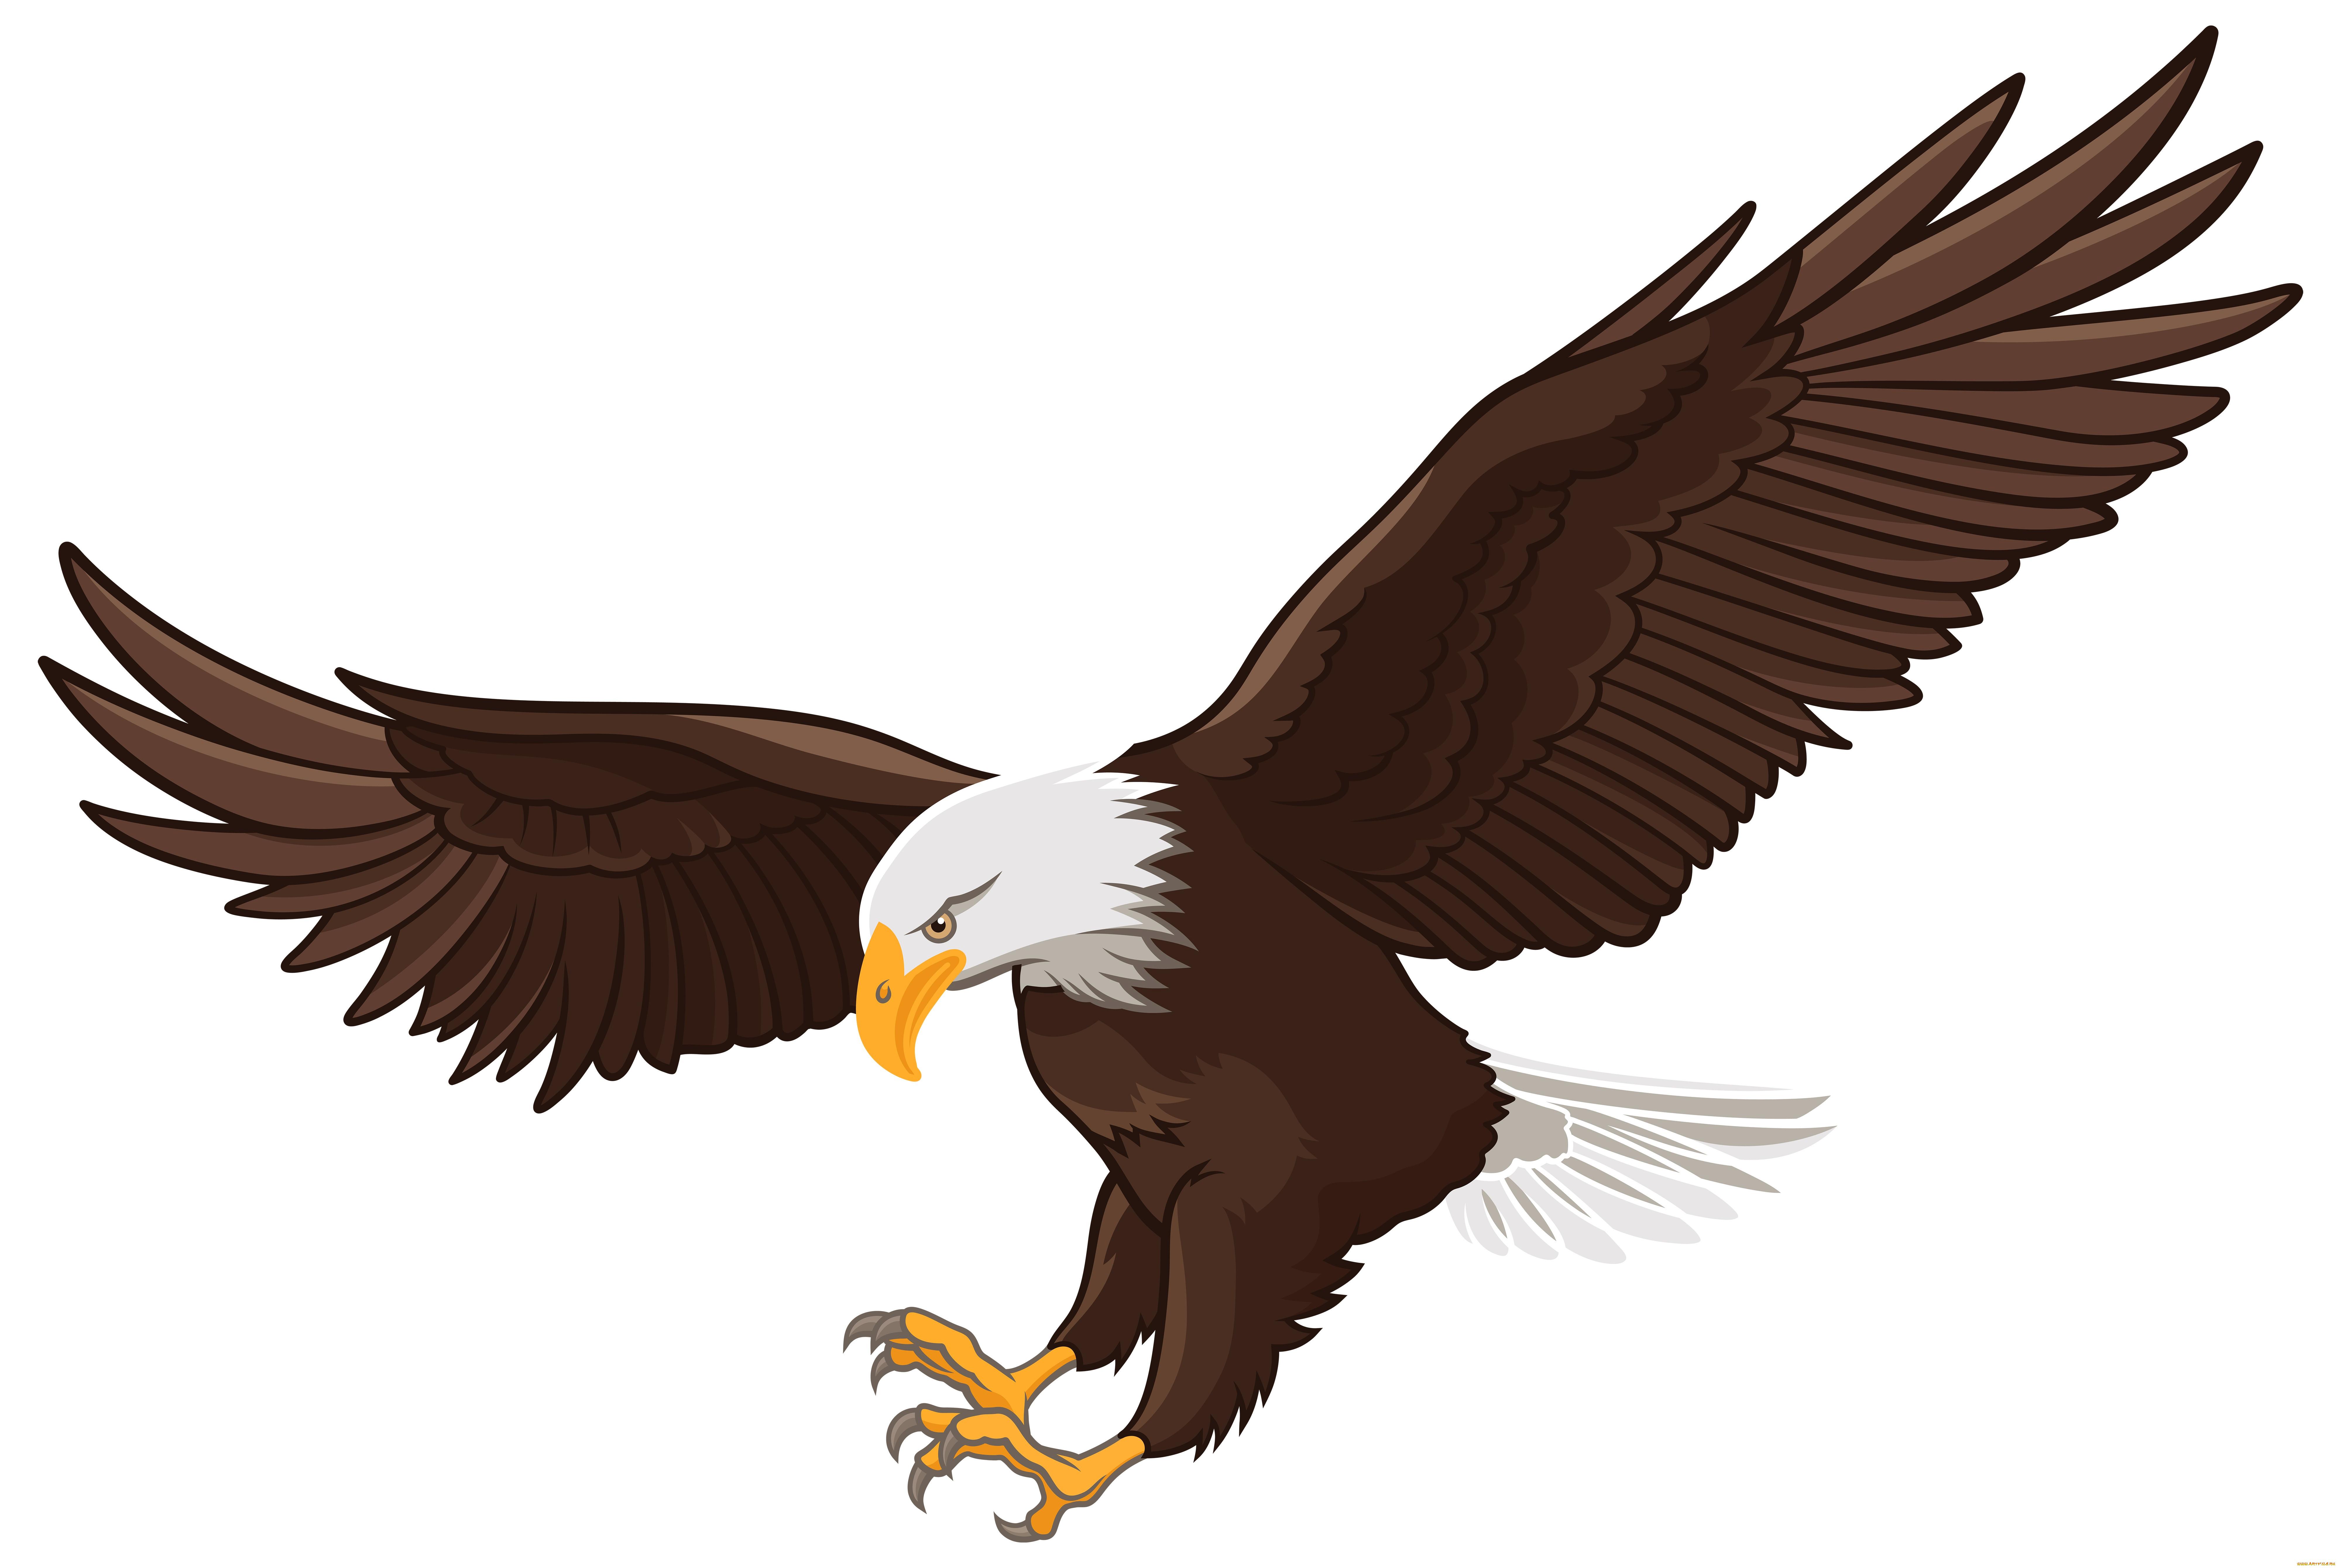 орел картинка мультяшная данный момент